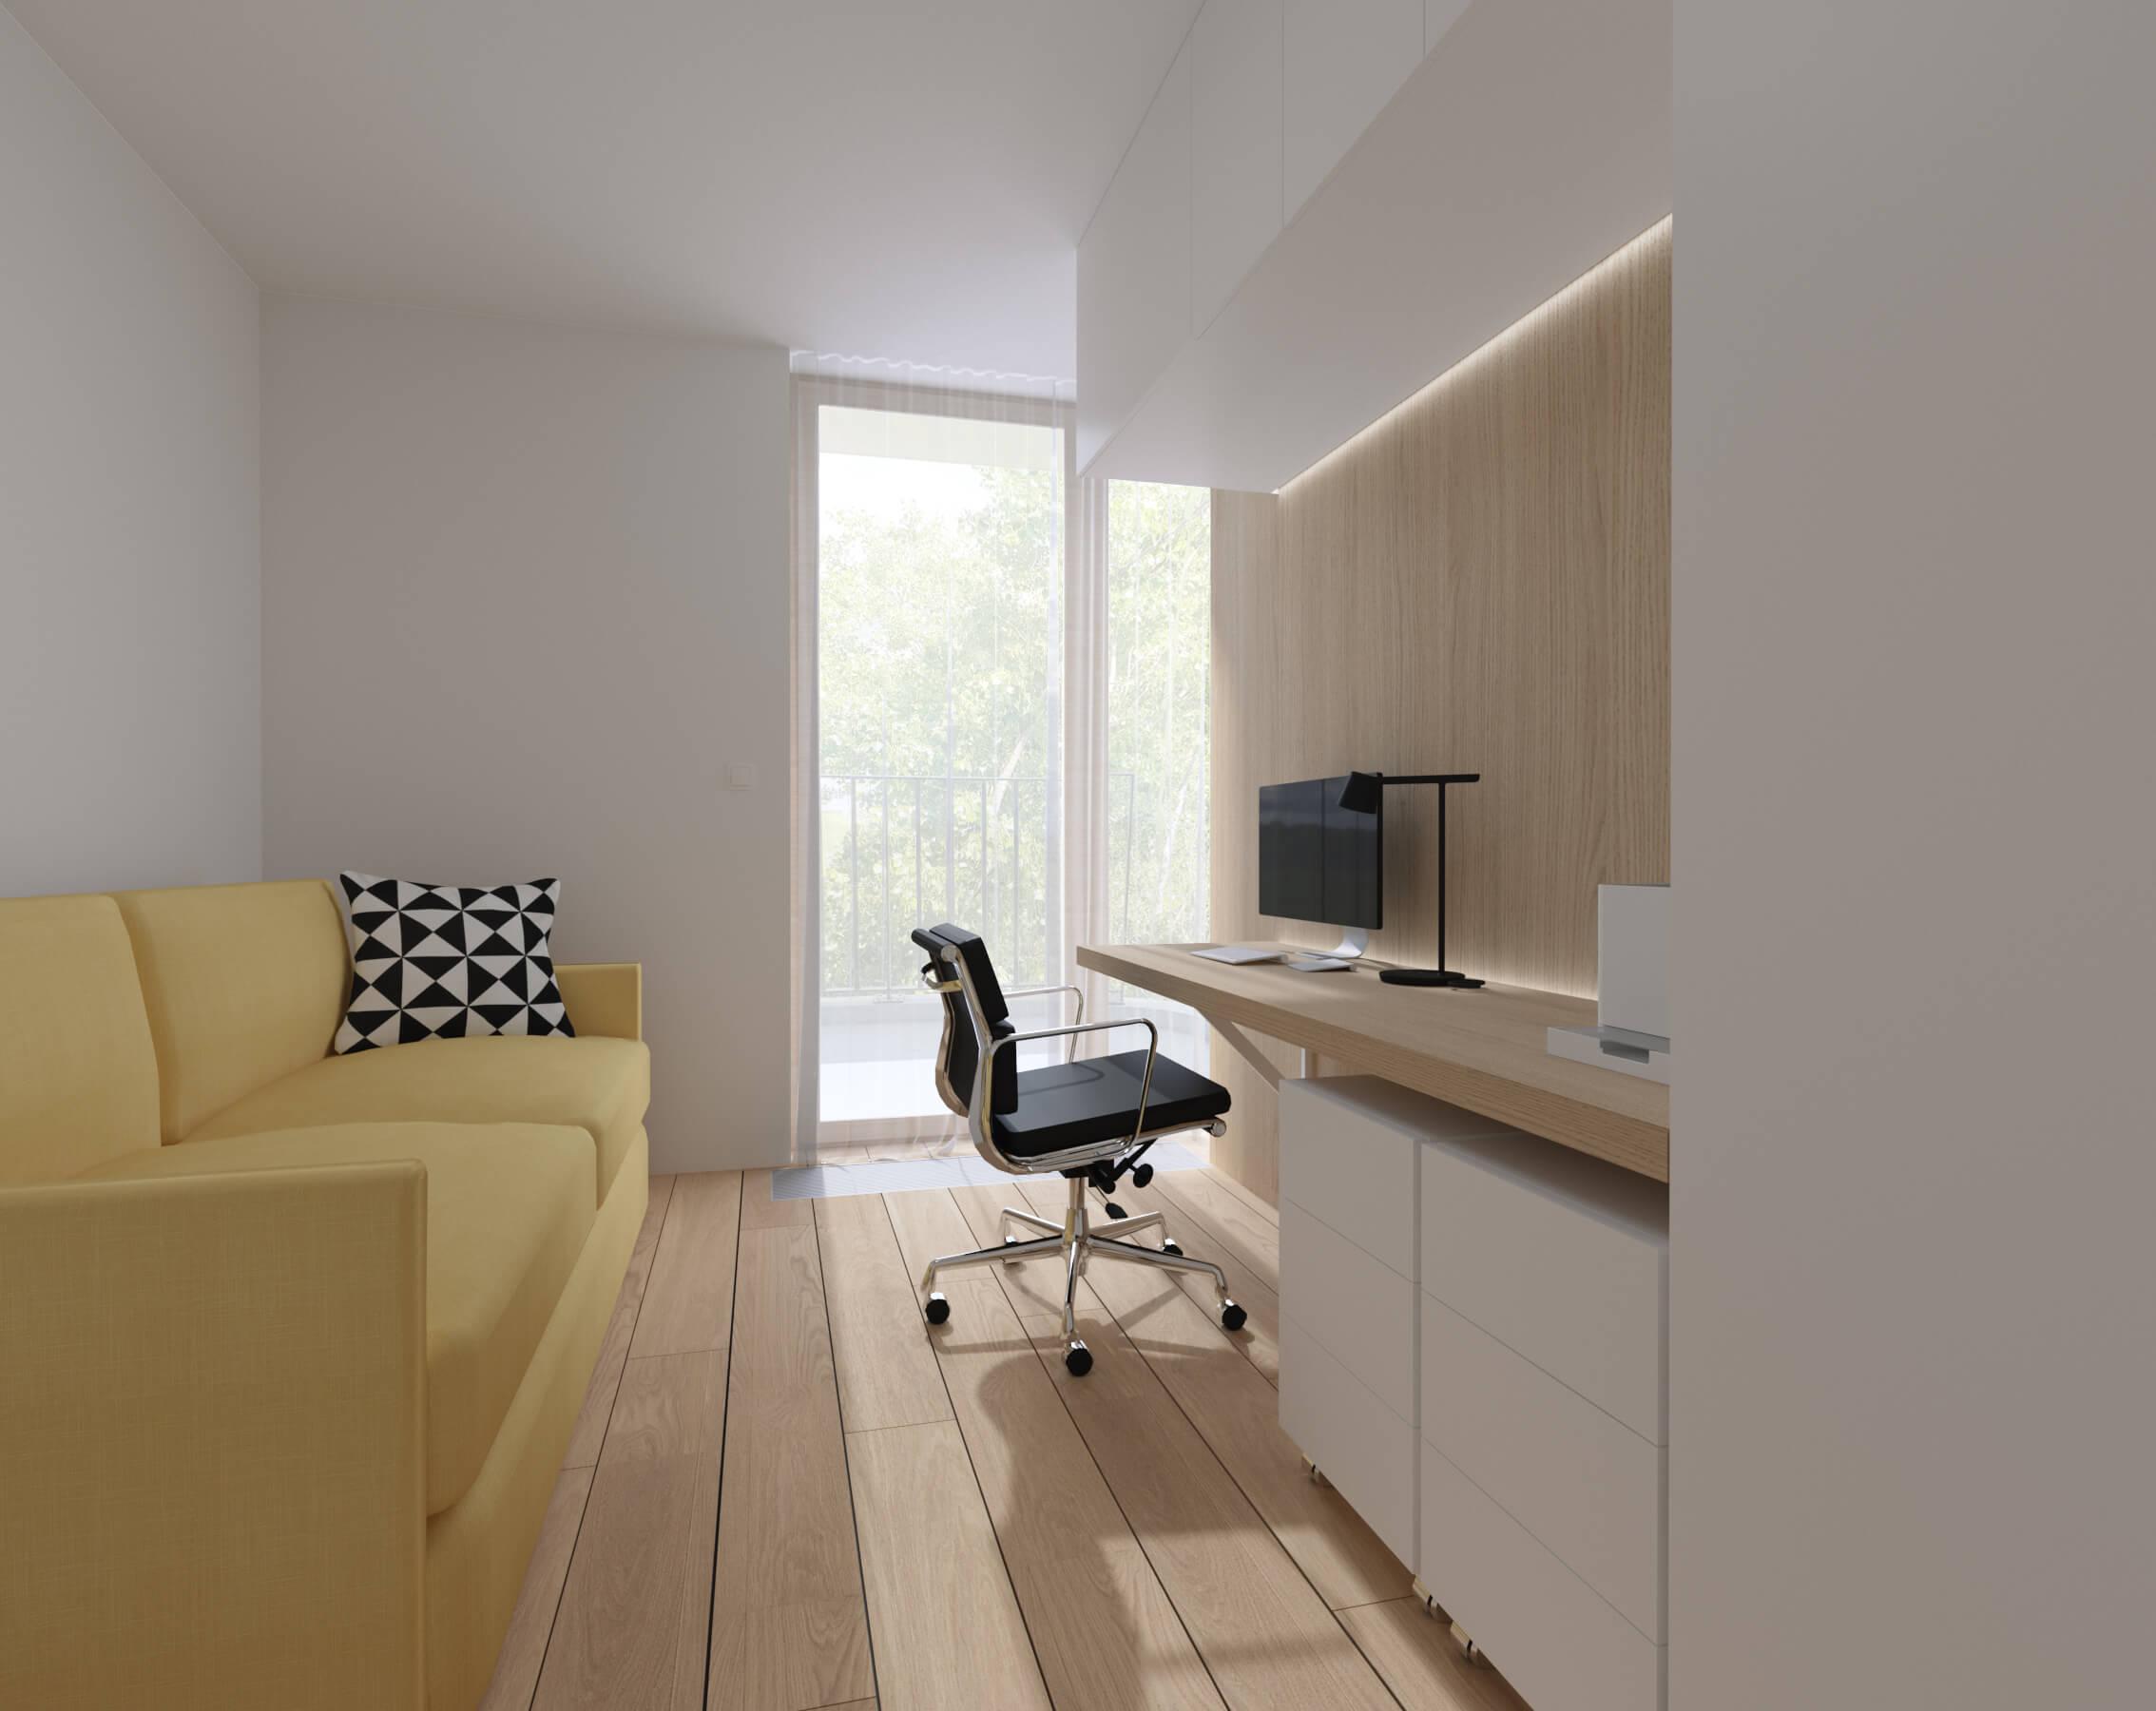 interierovy dizajn kancelária - byty Nido, Bratislava